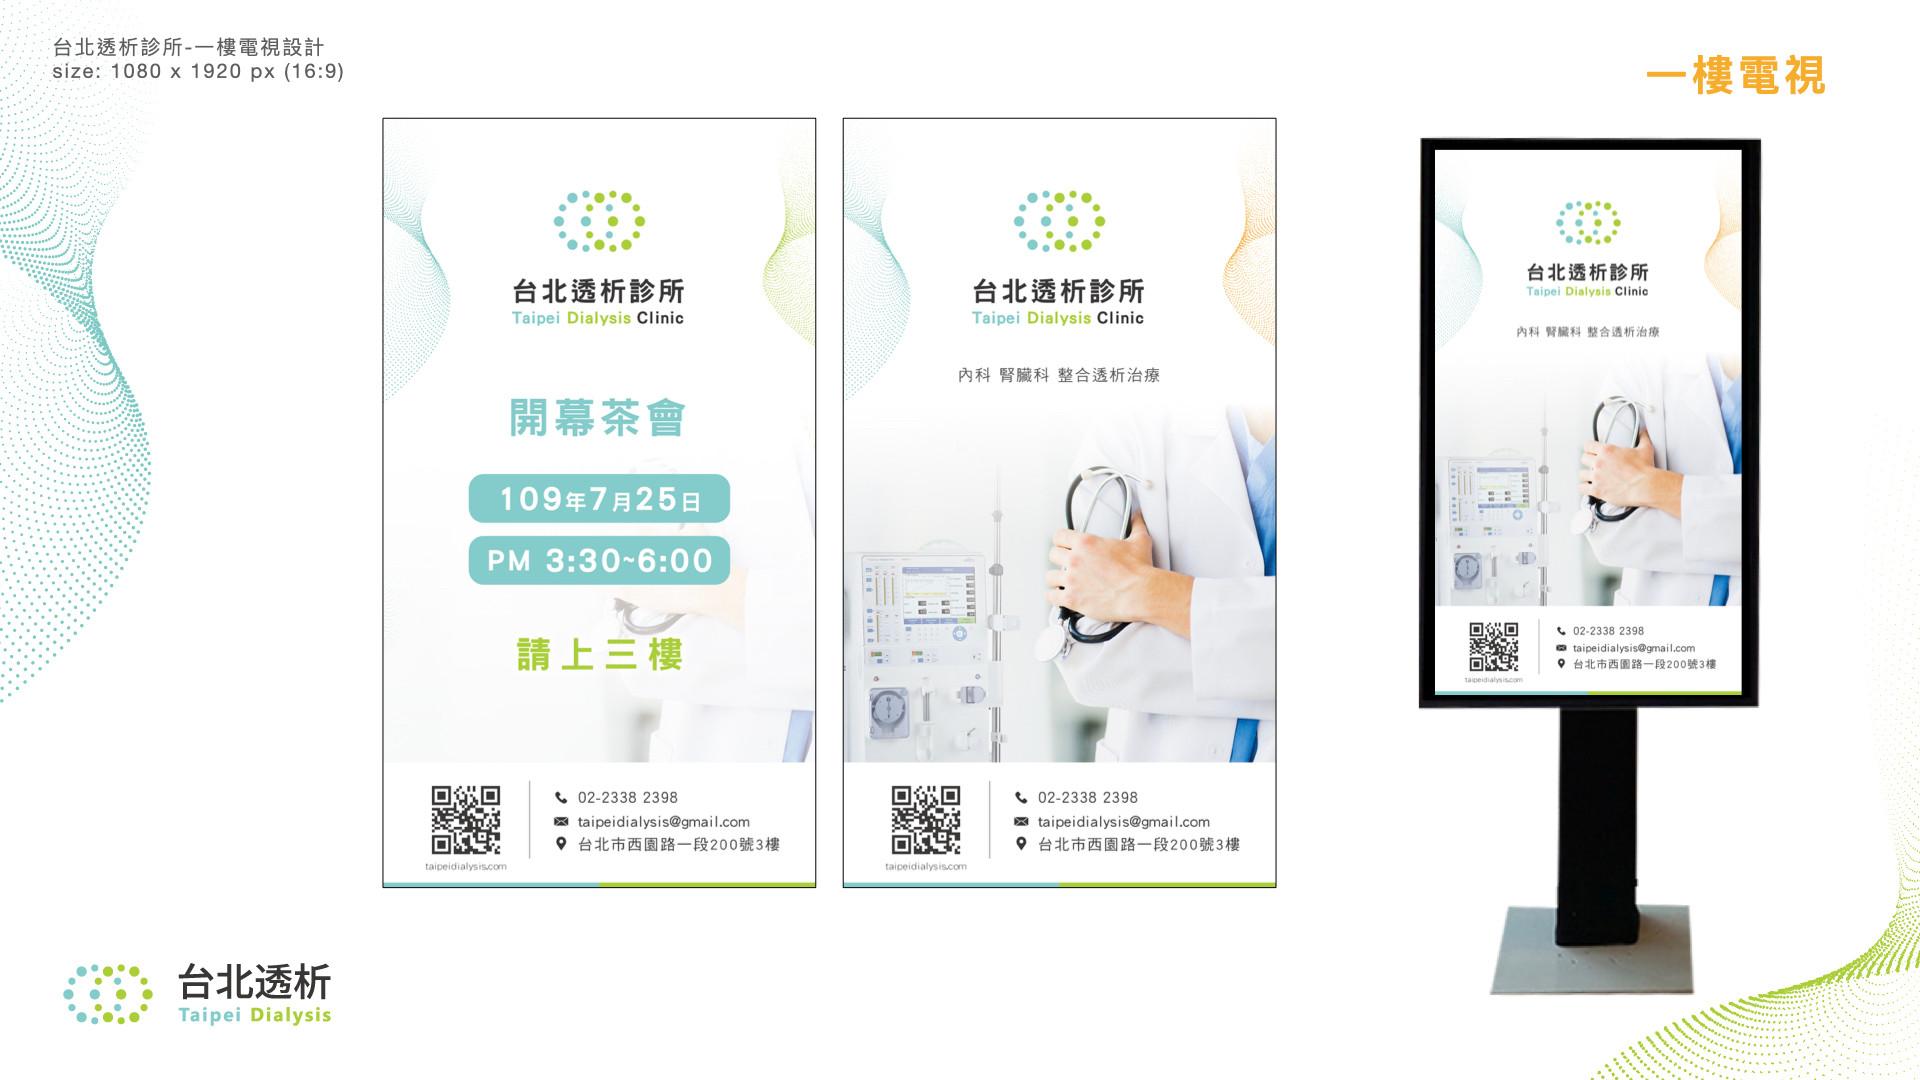 台北透析-設計物-11.007.jpeg